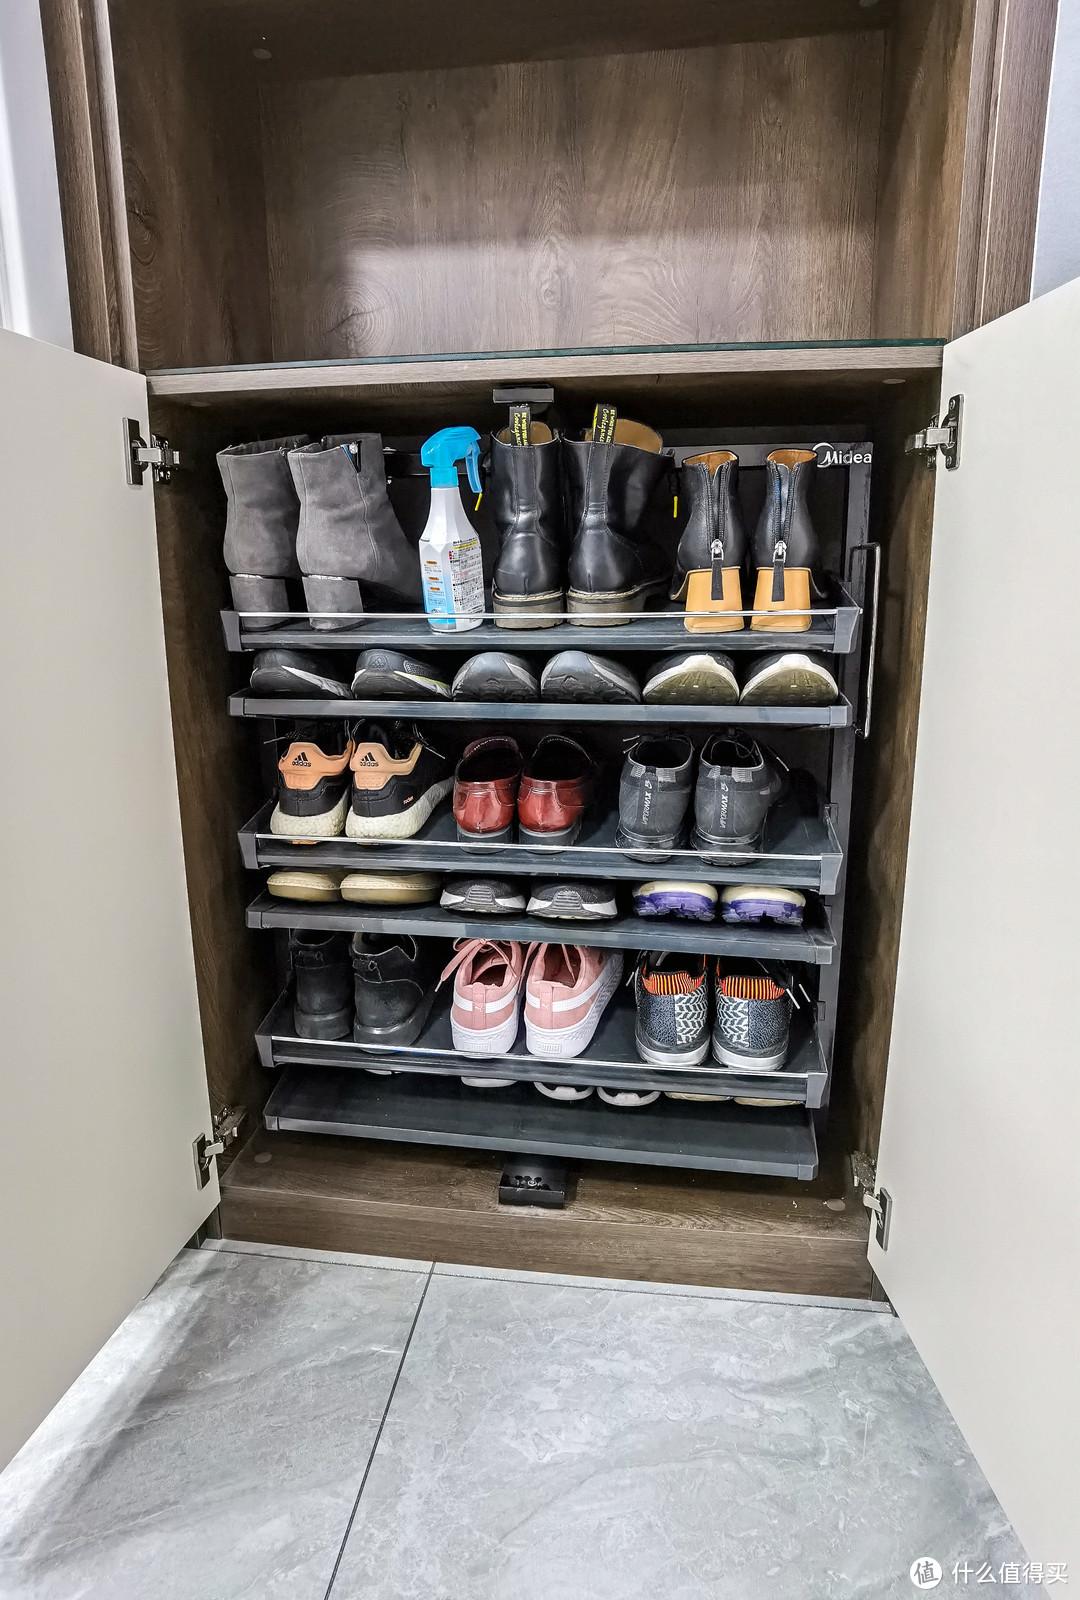 这篇给大家分享一下我安装的旋转鞋架。